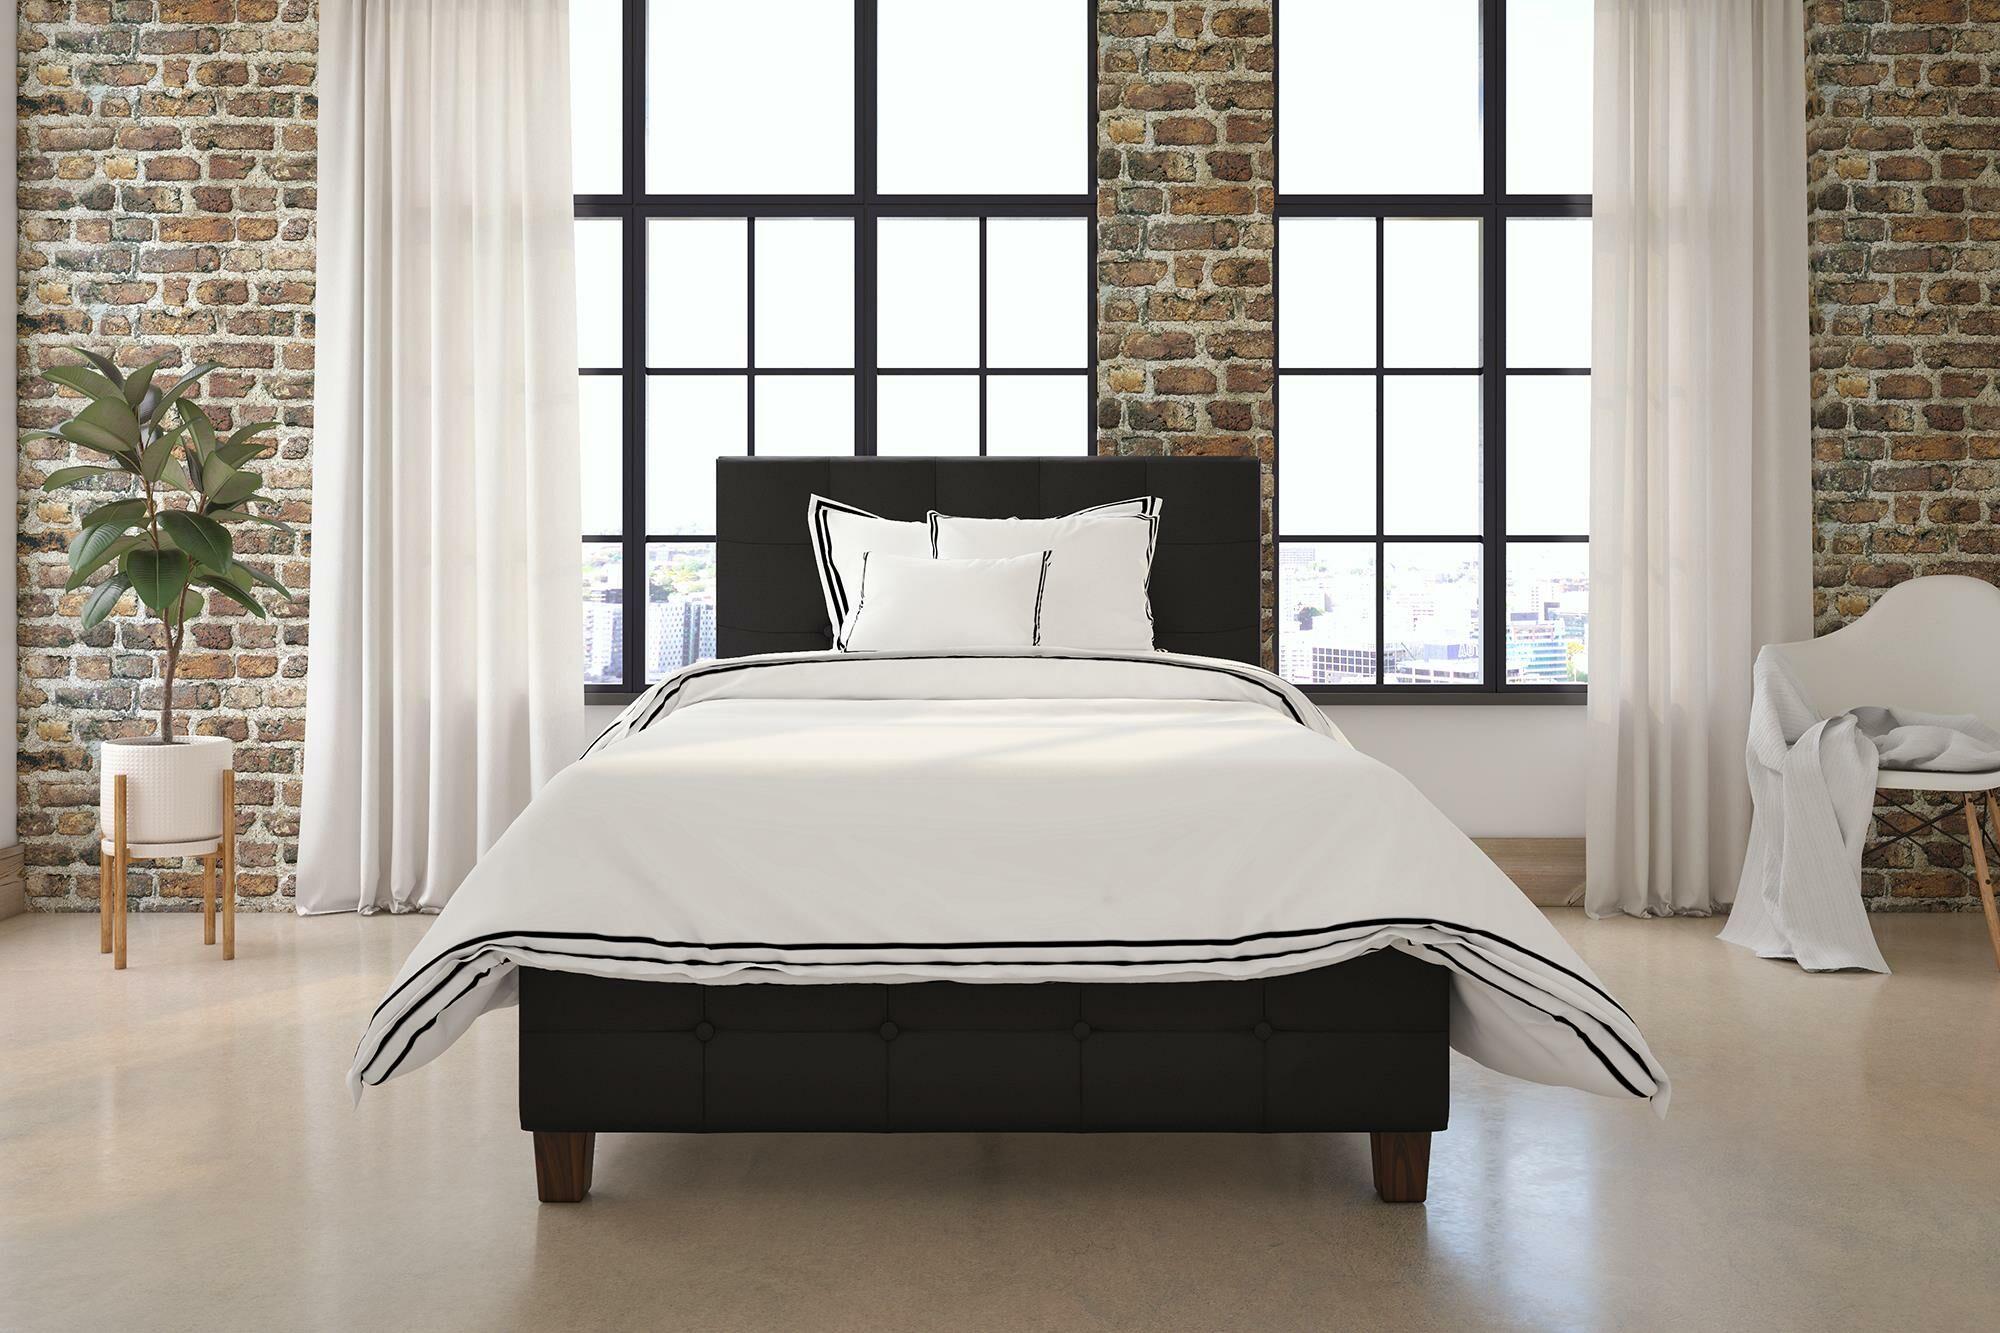 Amherst Upholstered Platform Bed Color: Gray, Size: King